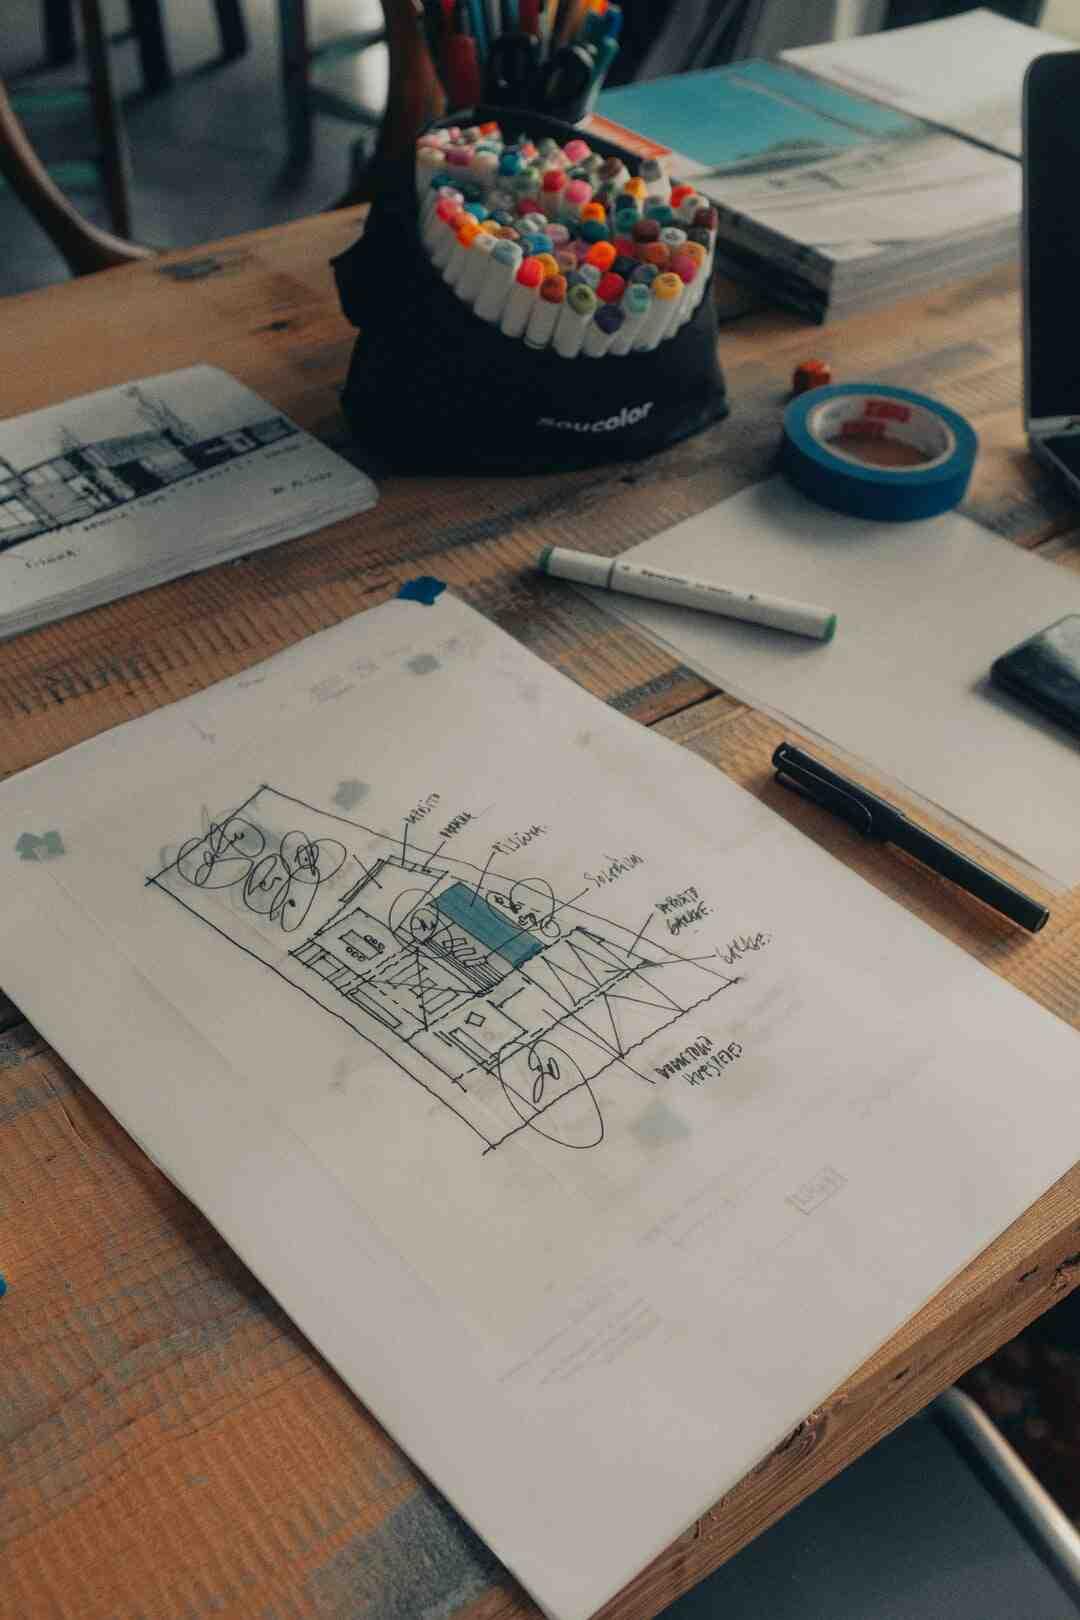 Comment rompre un contrat avec un architecte ?